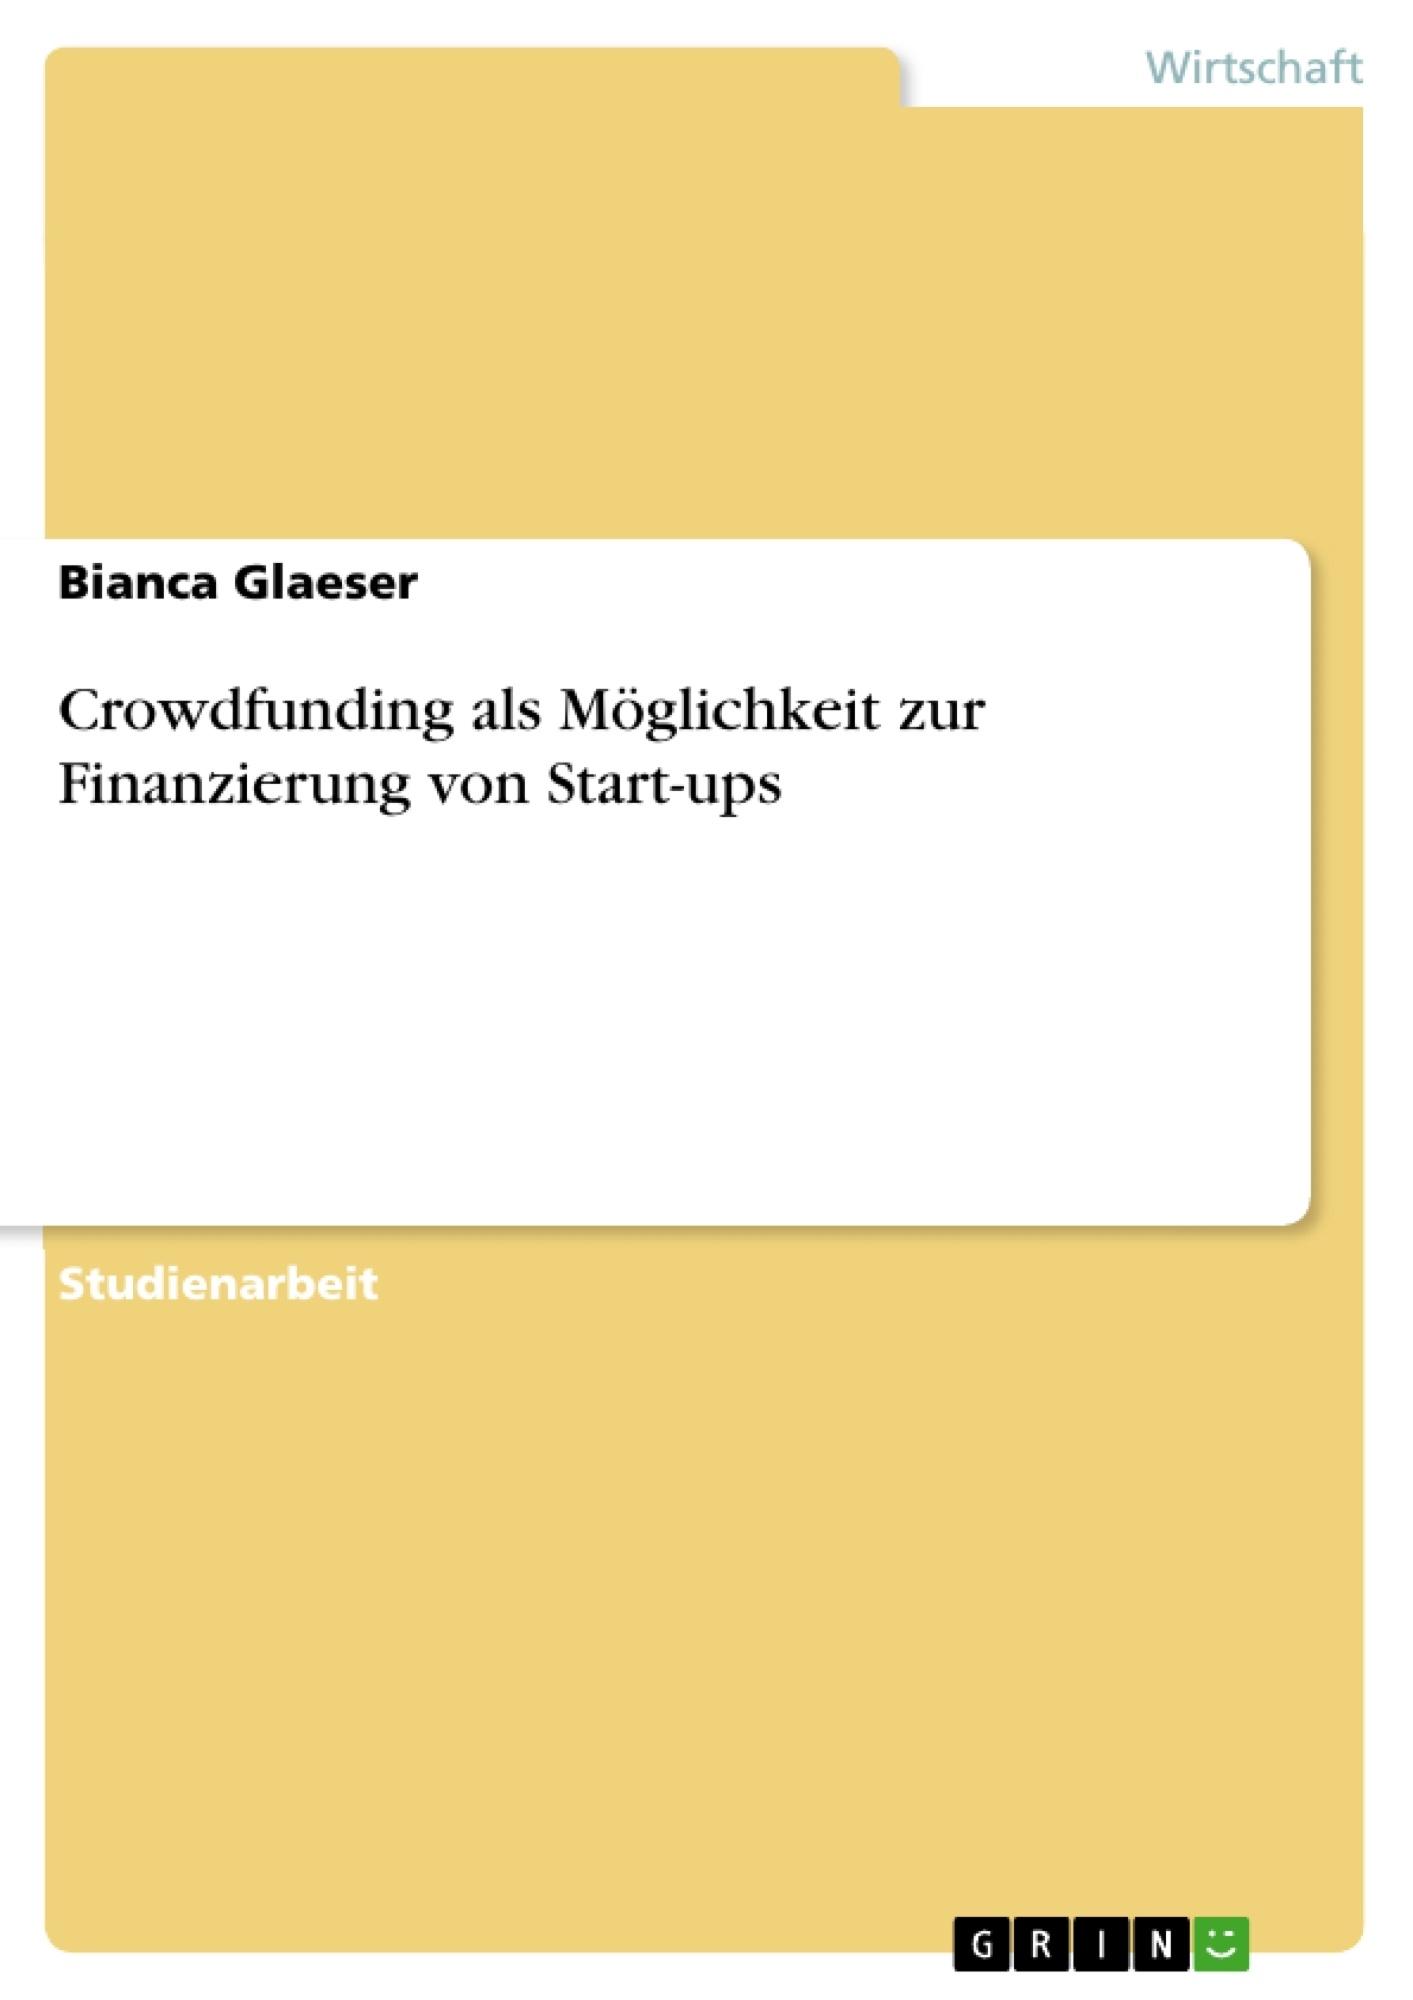 Titel: Crowdfunding als Möglichkeit zur Finanzierung von Start-ups